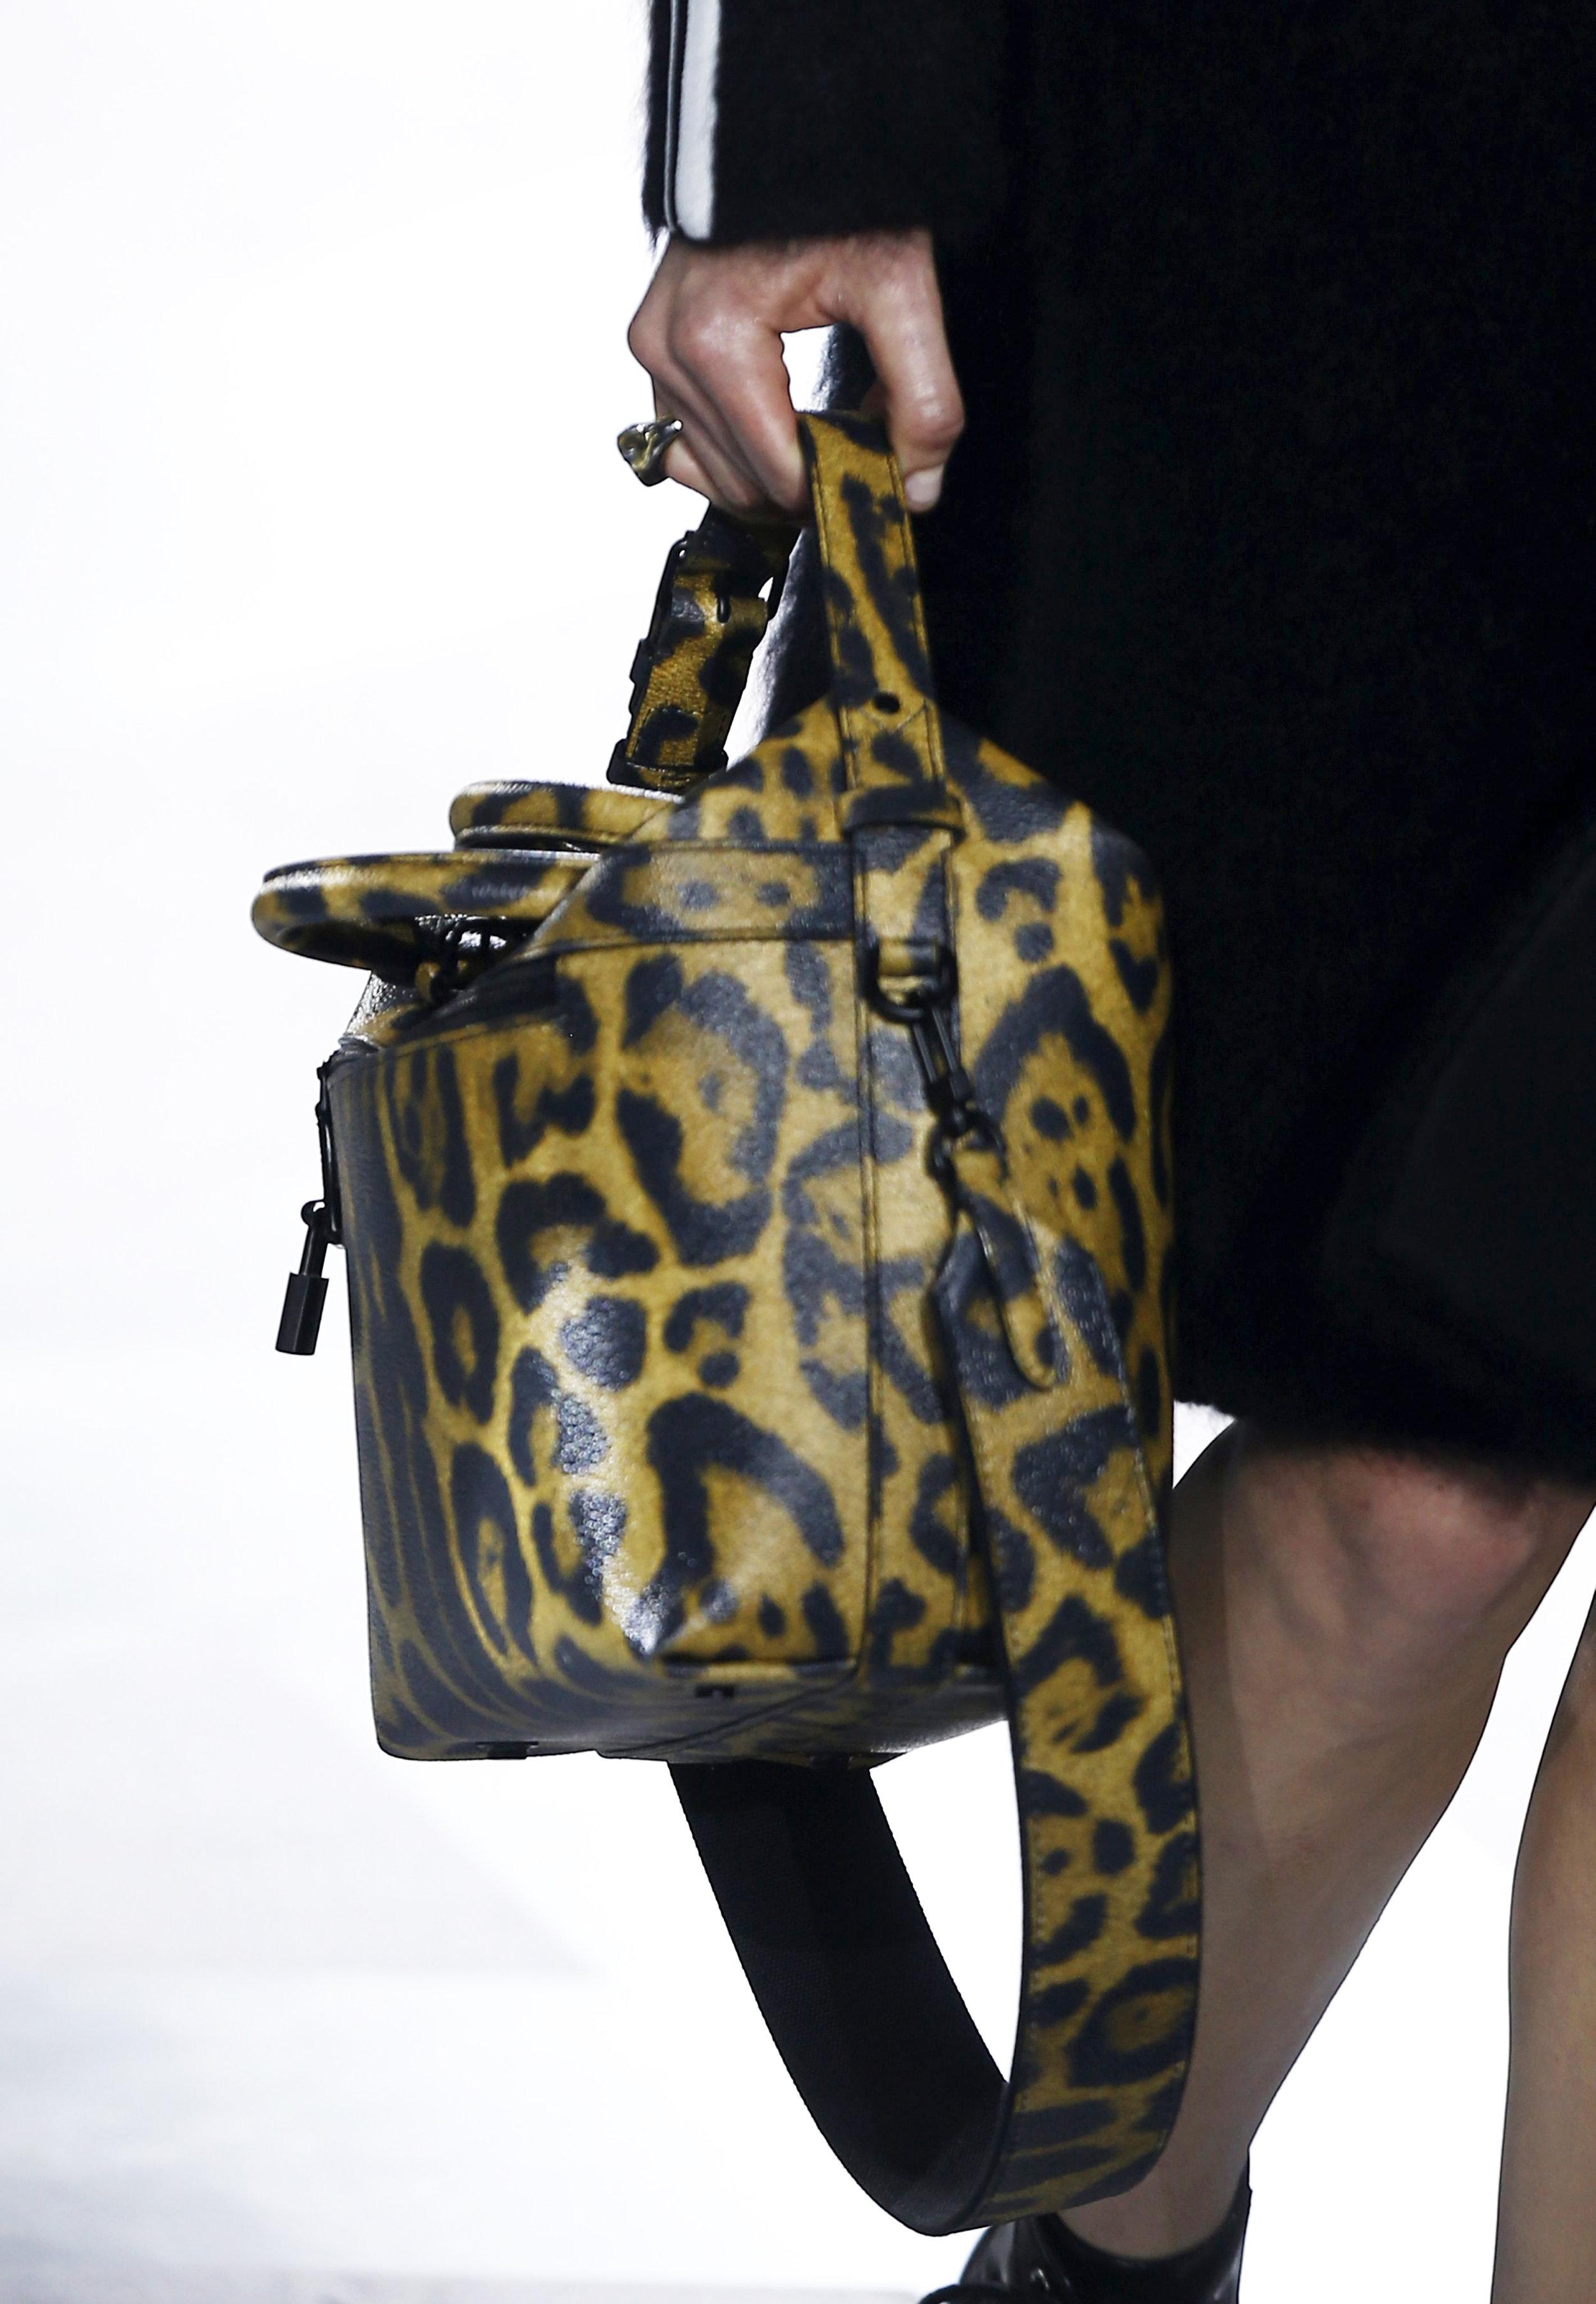 Una modelo luce una creación de la colección del diseñador francés Nicolas Ghesquière para la firma Louis Vuitton . Foto: Ian Langsdon